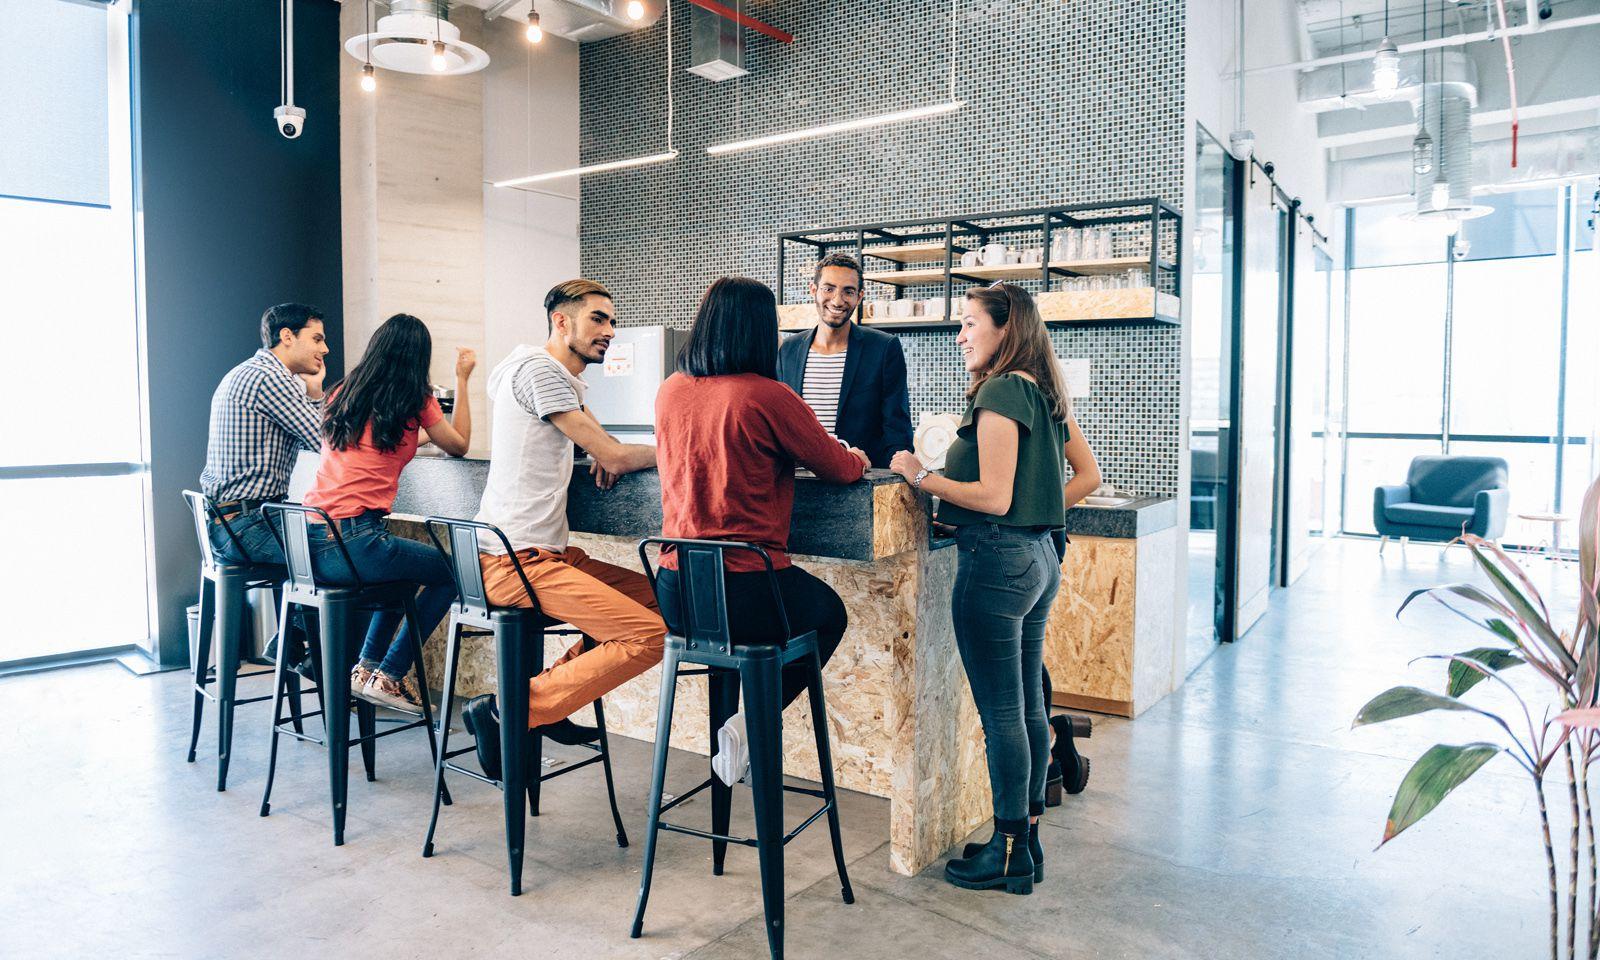 Wie einst ums Feuer, schart man sich heute um die Kaffeemaschine. Auch Drucker oder Aufzüge werden gewollt als Gesprächsorte inszeniert. genutz